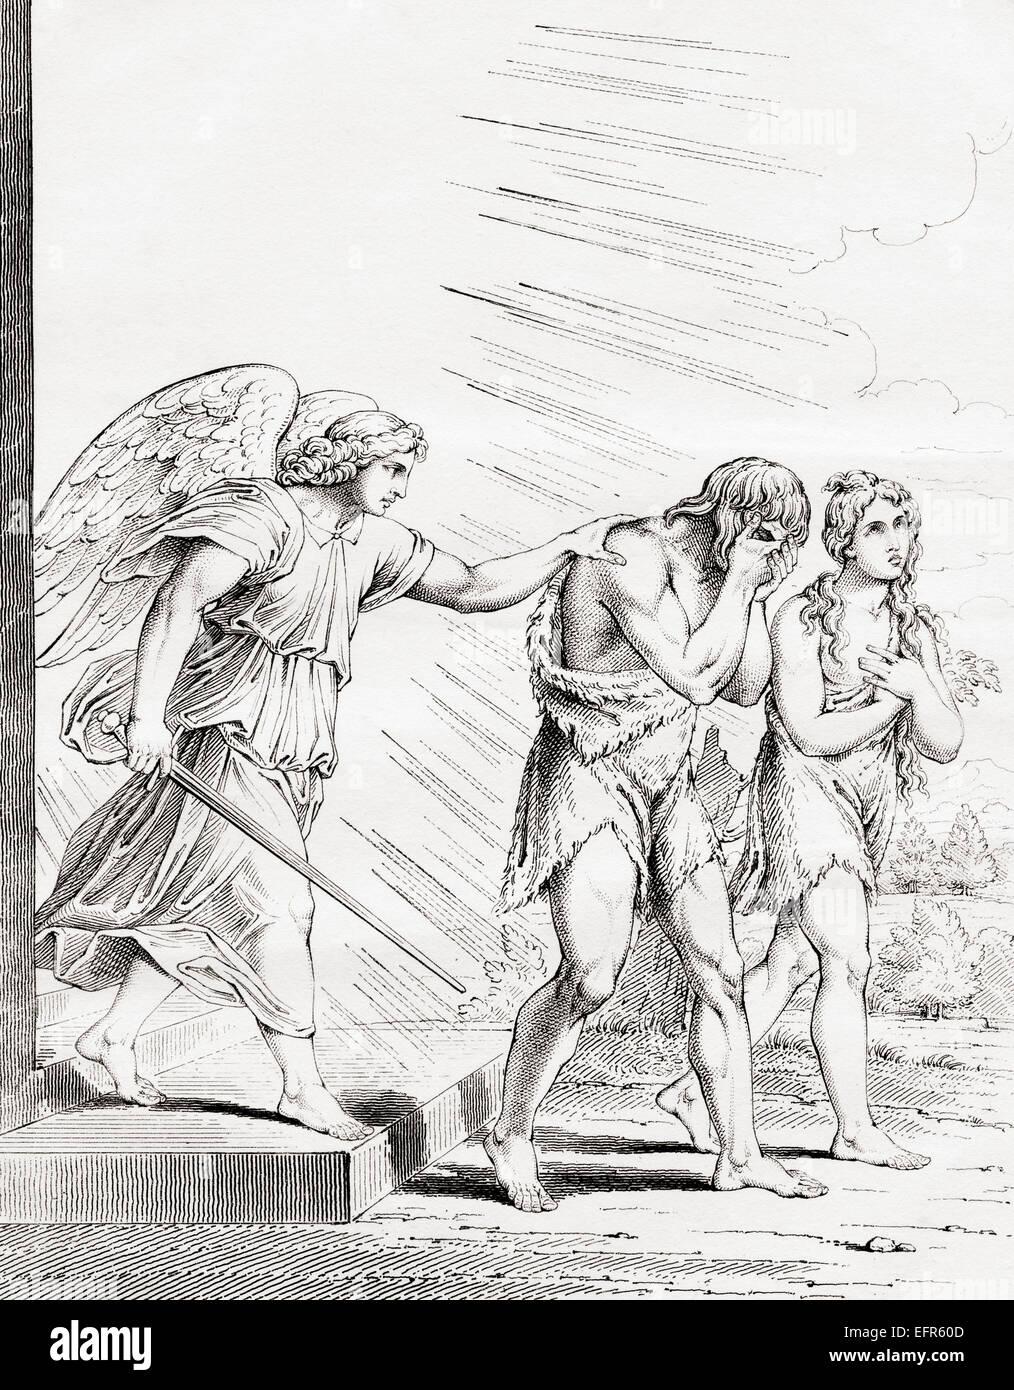 Adán Y Eva Expulsados Del Paraíso Desde El Siglo Xix